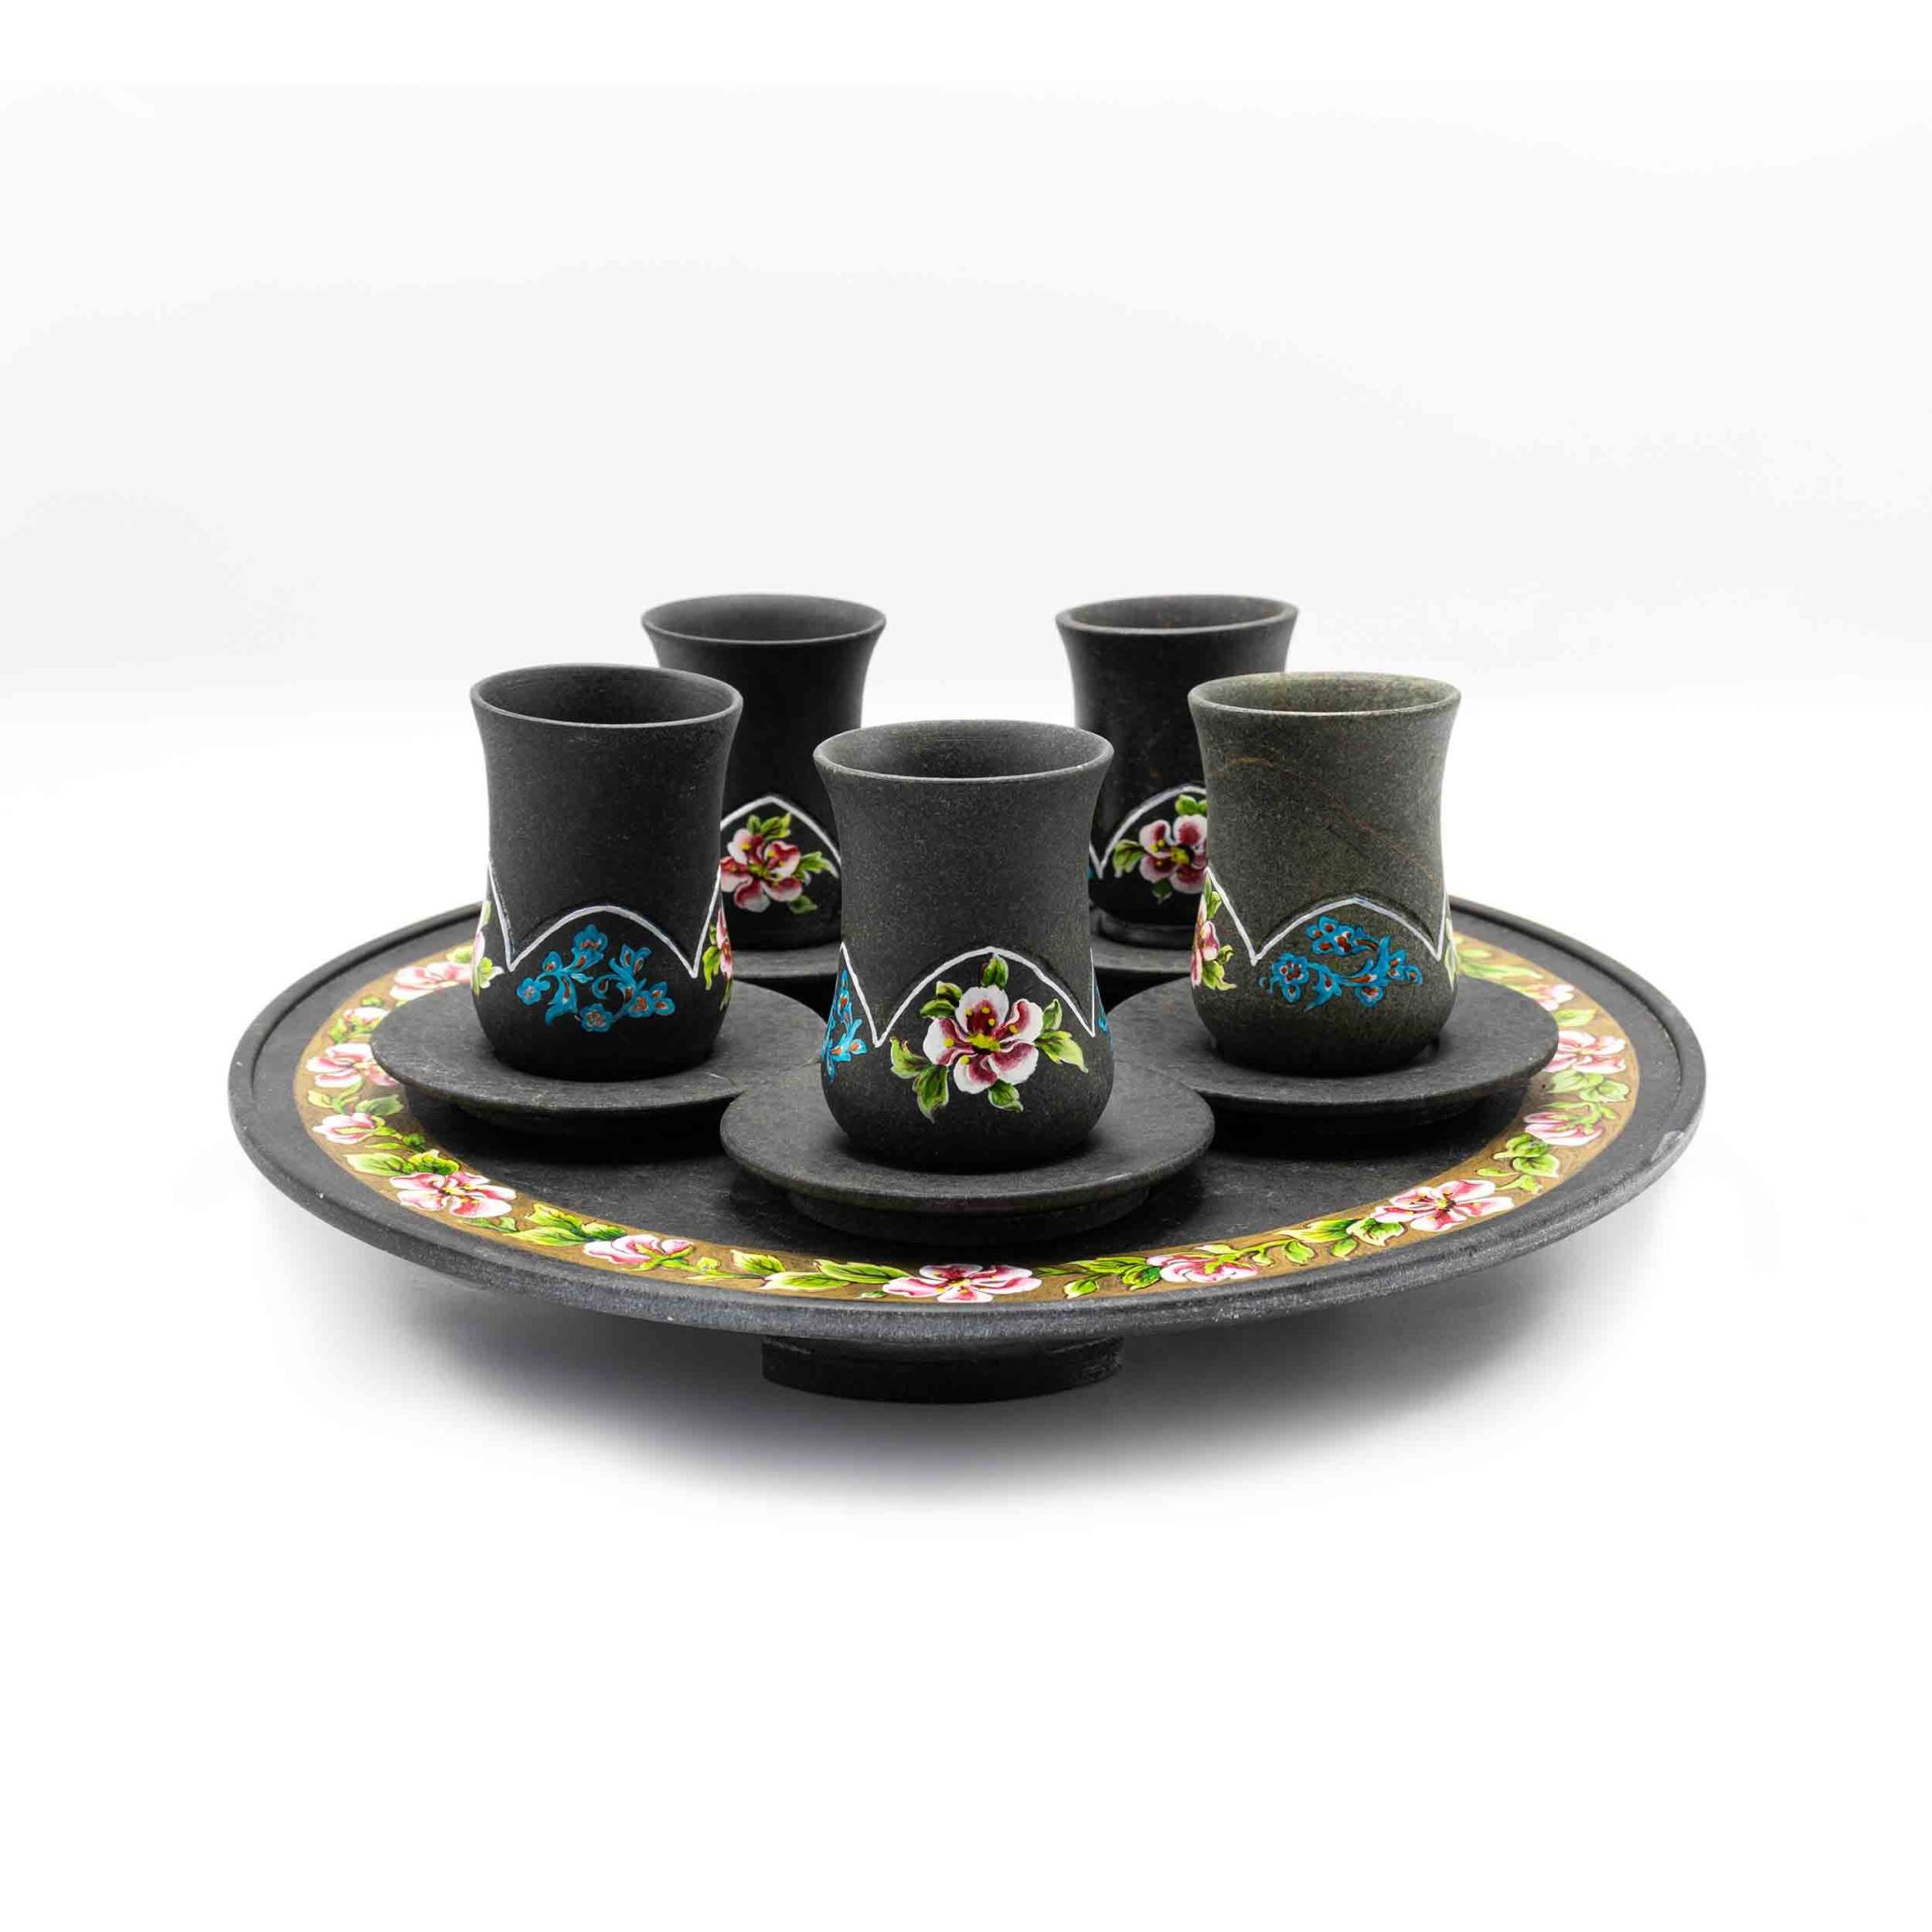 لیوان، نعلبکی و سینی سنگی ساخته شده از سنگ سرپانتین